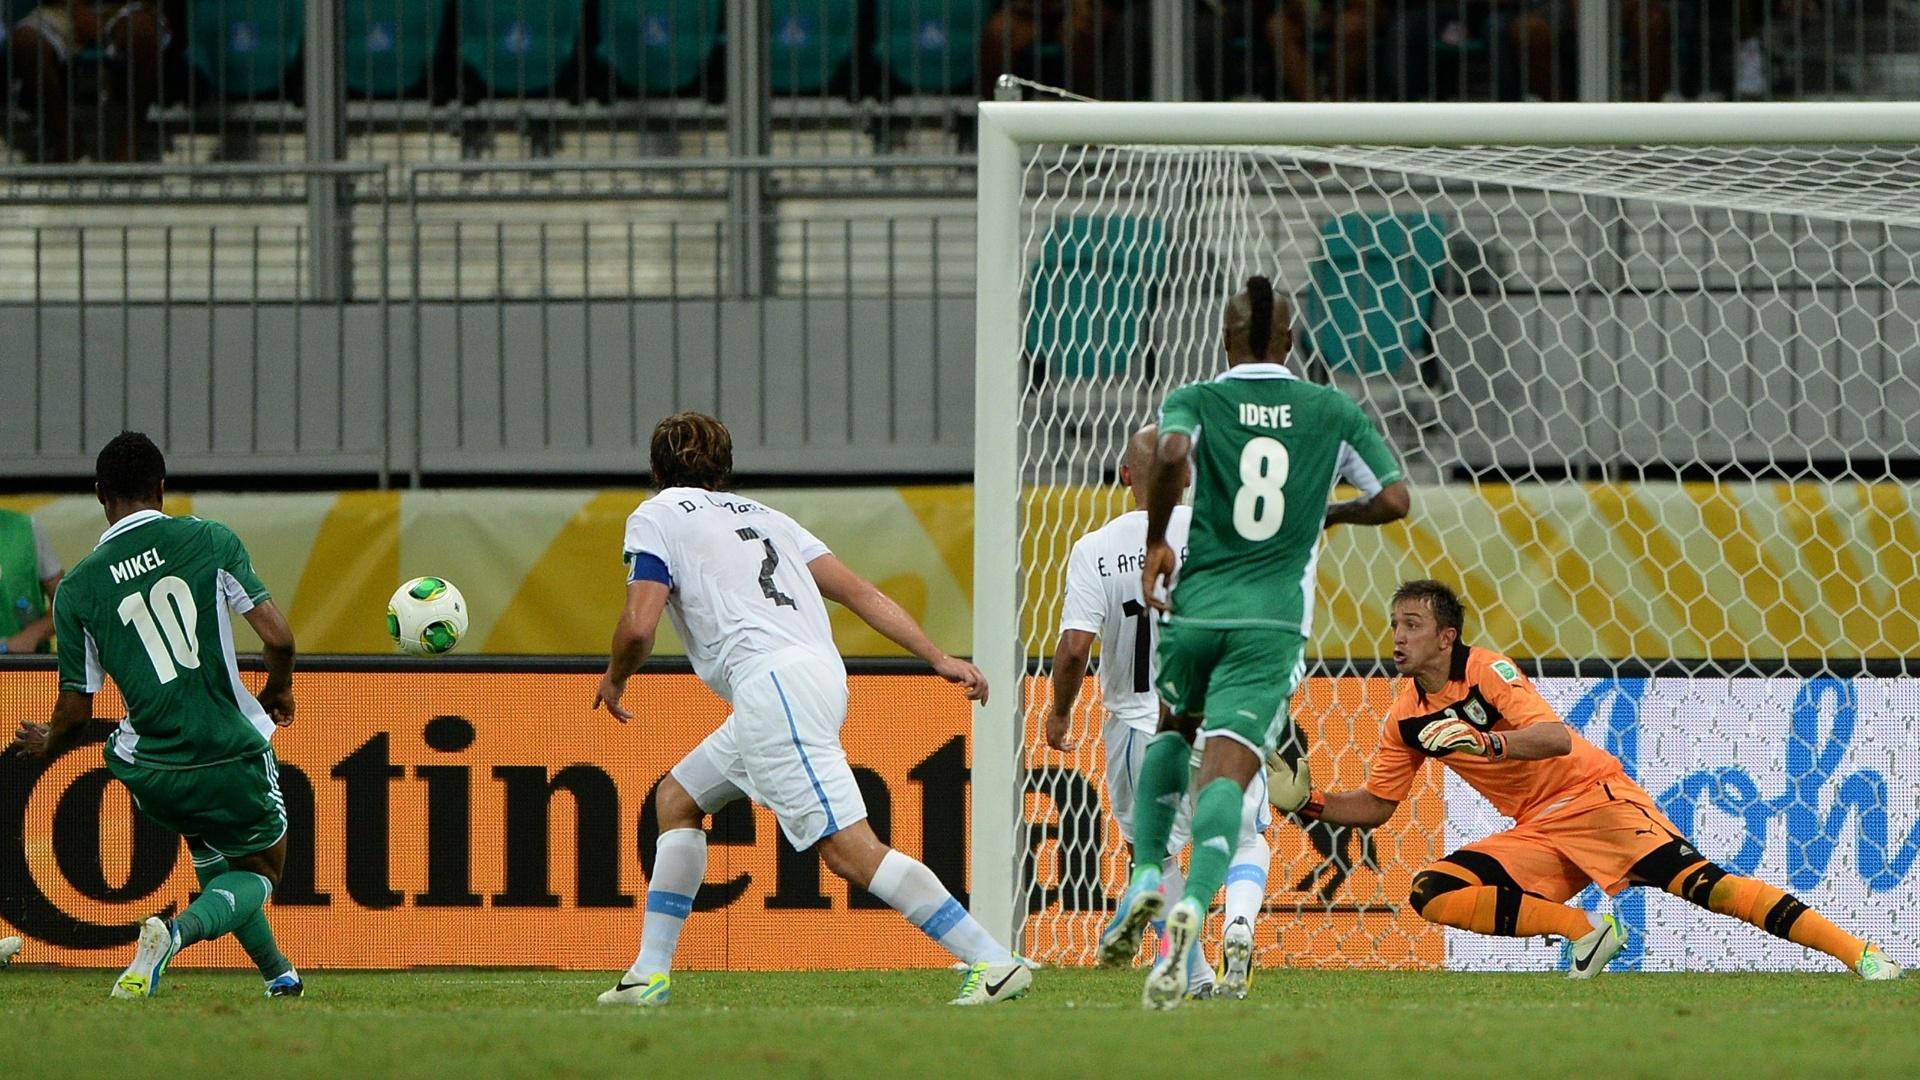 20.jun.2013 - Mikel dribla Lugano e finaliza com classe para empatar jogo entre Nigéria e Uruguai